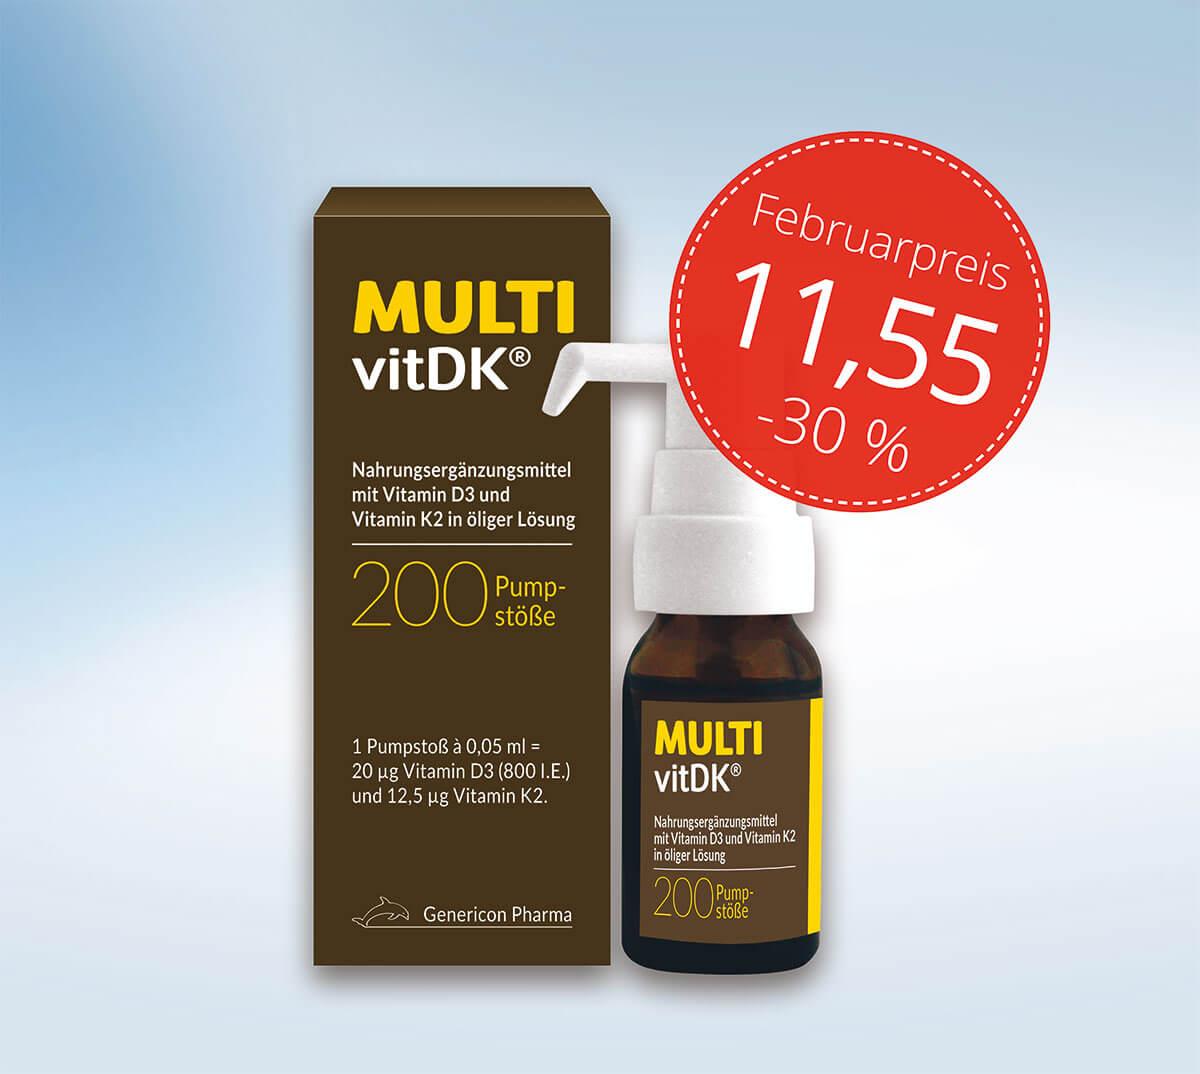 MultivitDK 200 Pumpstoesse vitamin d3 k2